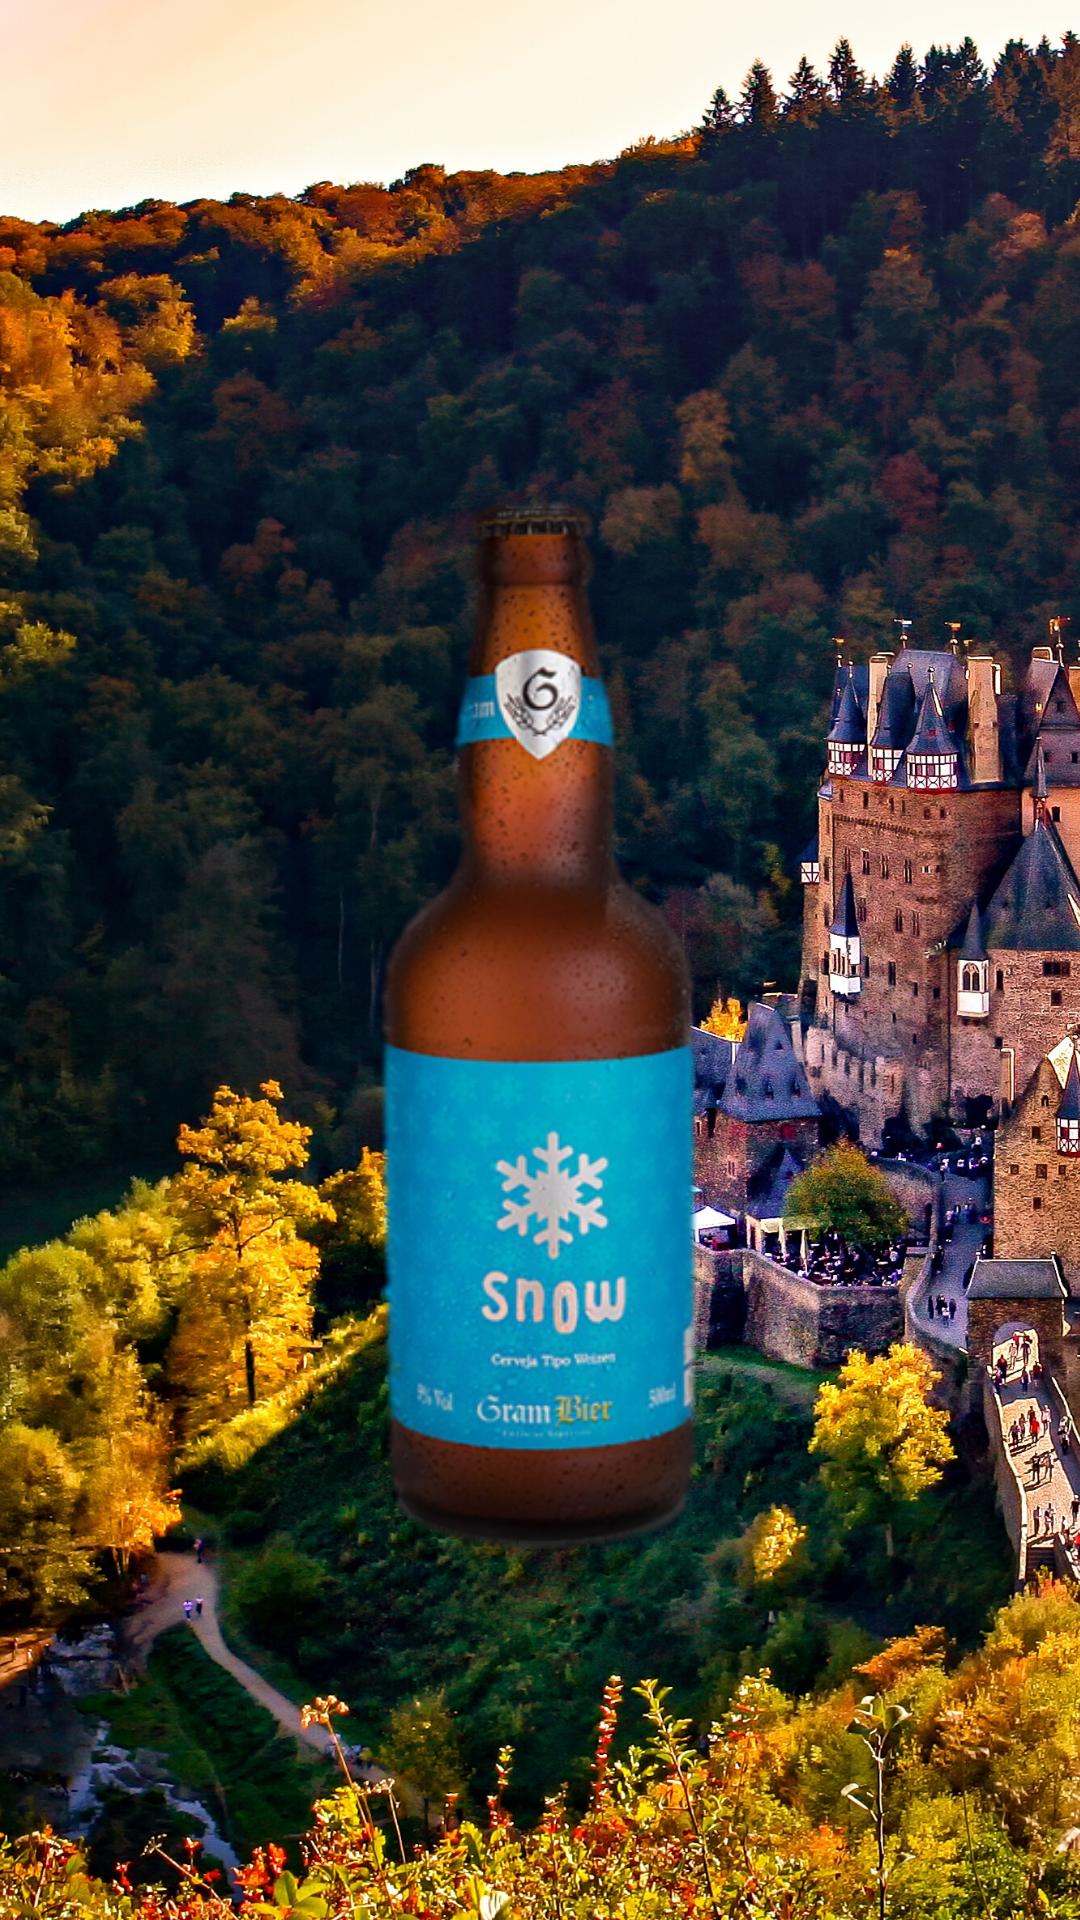 Gram Bier Weizen Snow